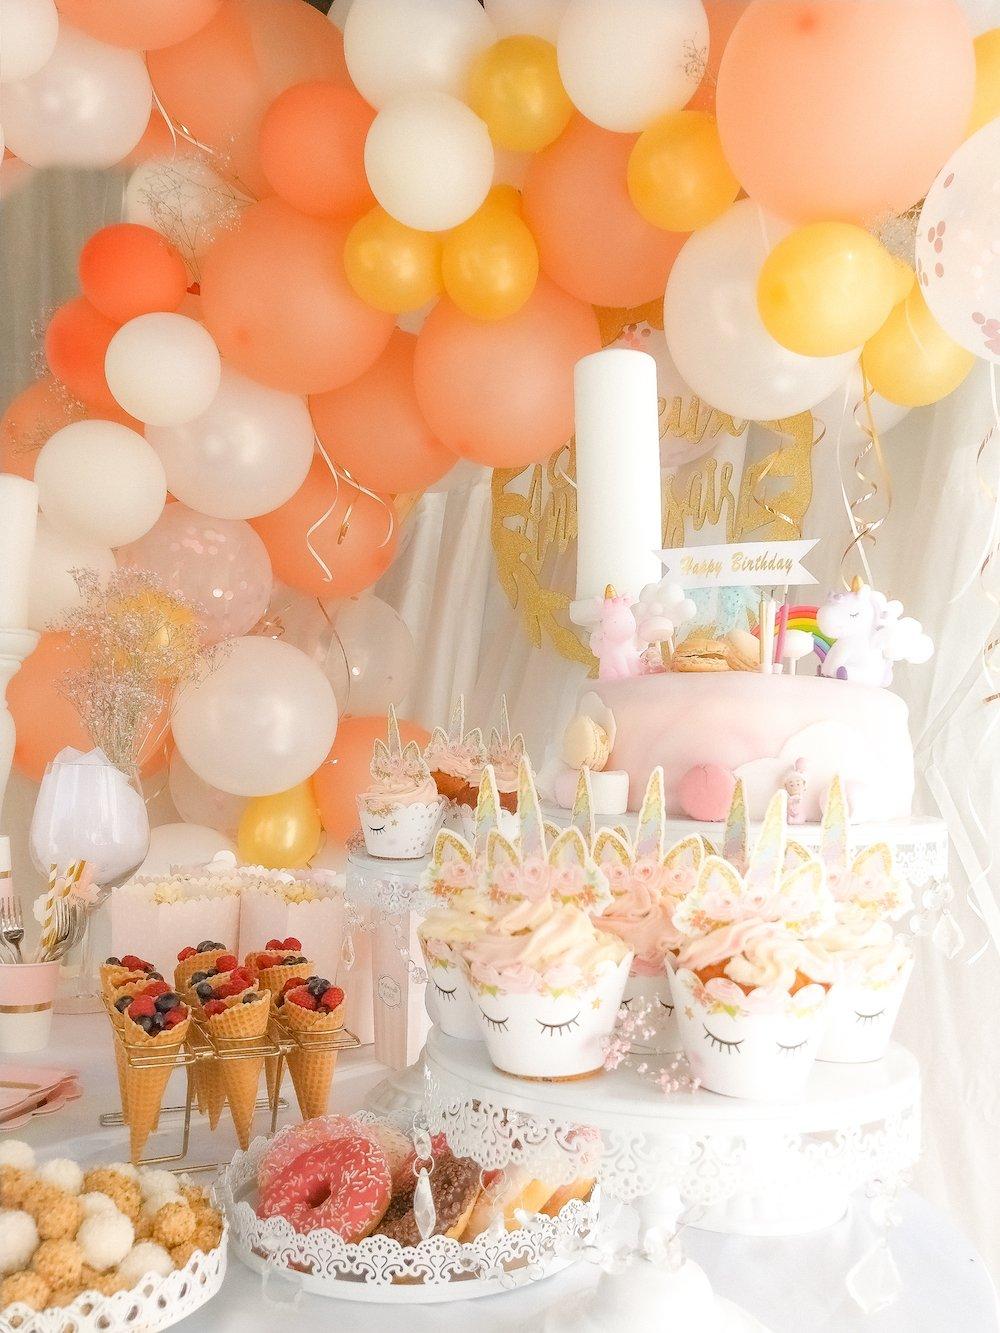 Décoration d'anniversaire douceur girly pour les 3 ans d'une petit fille